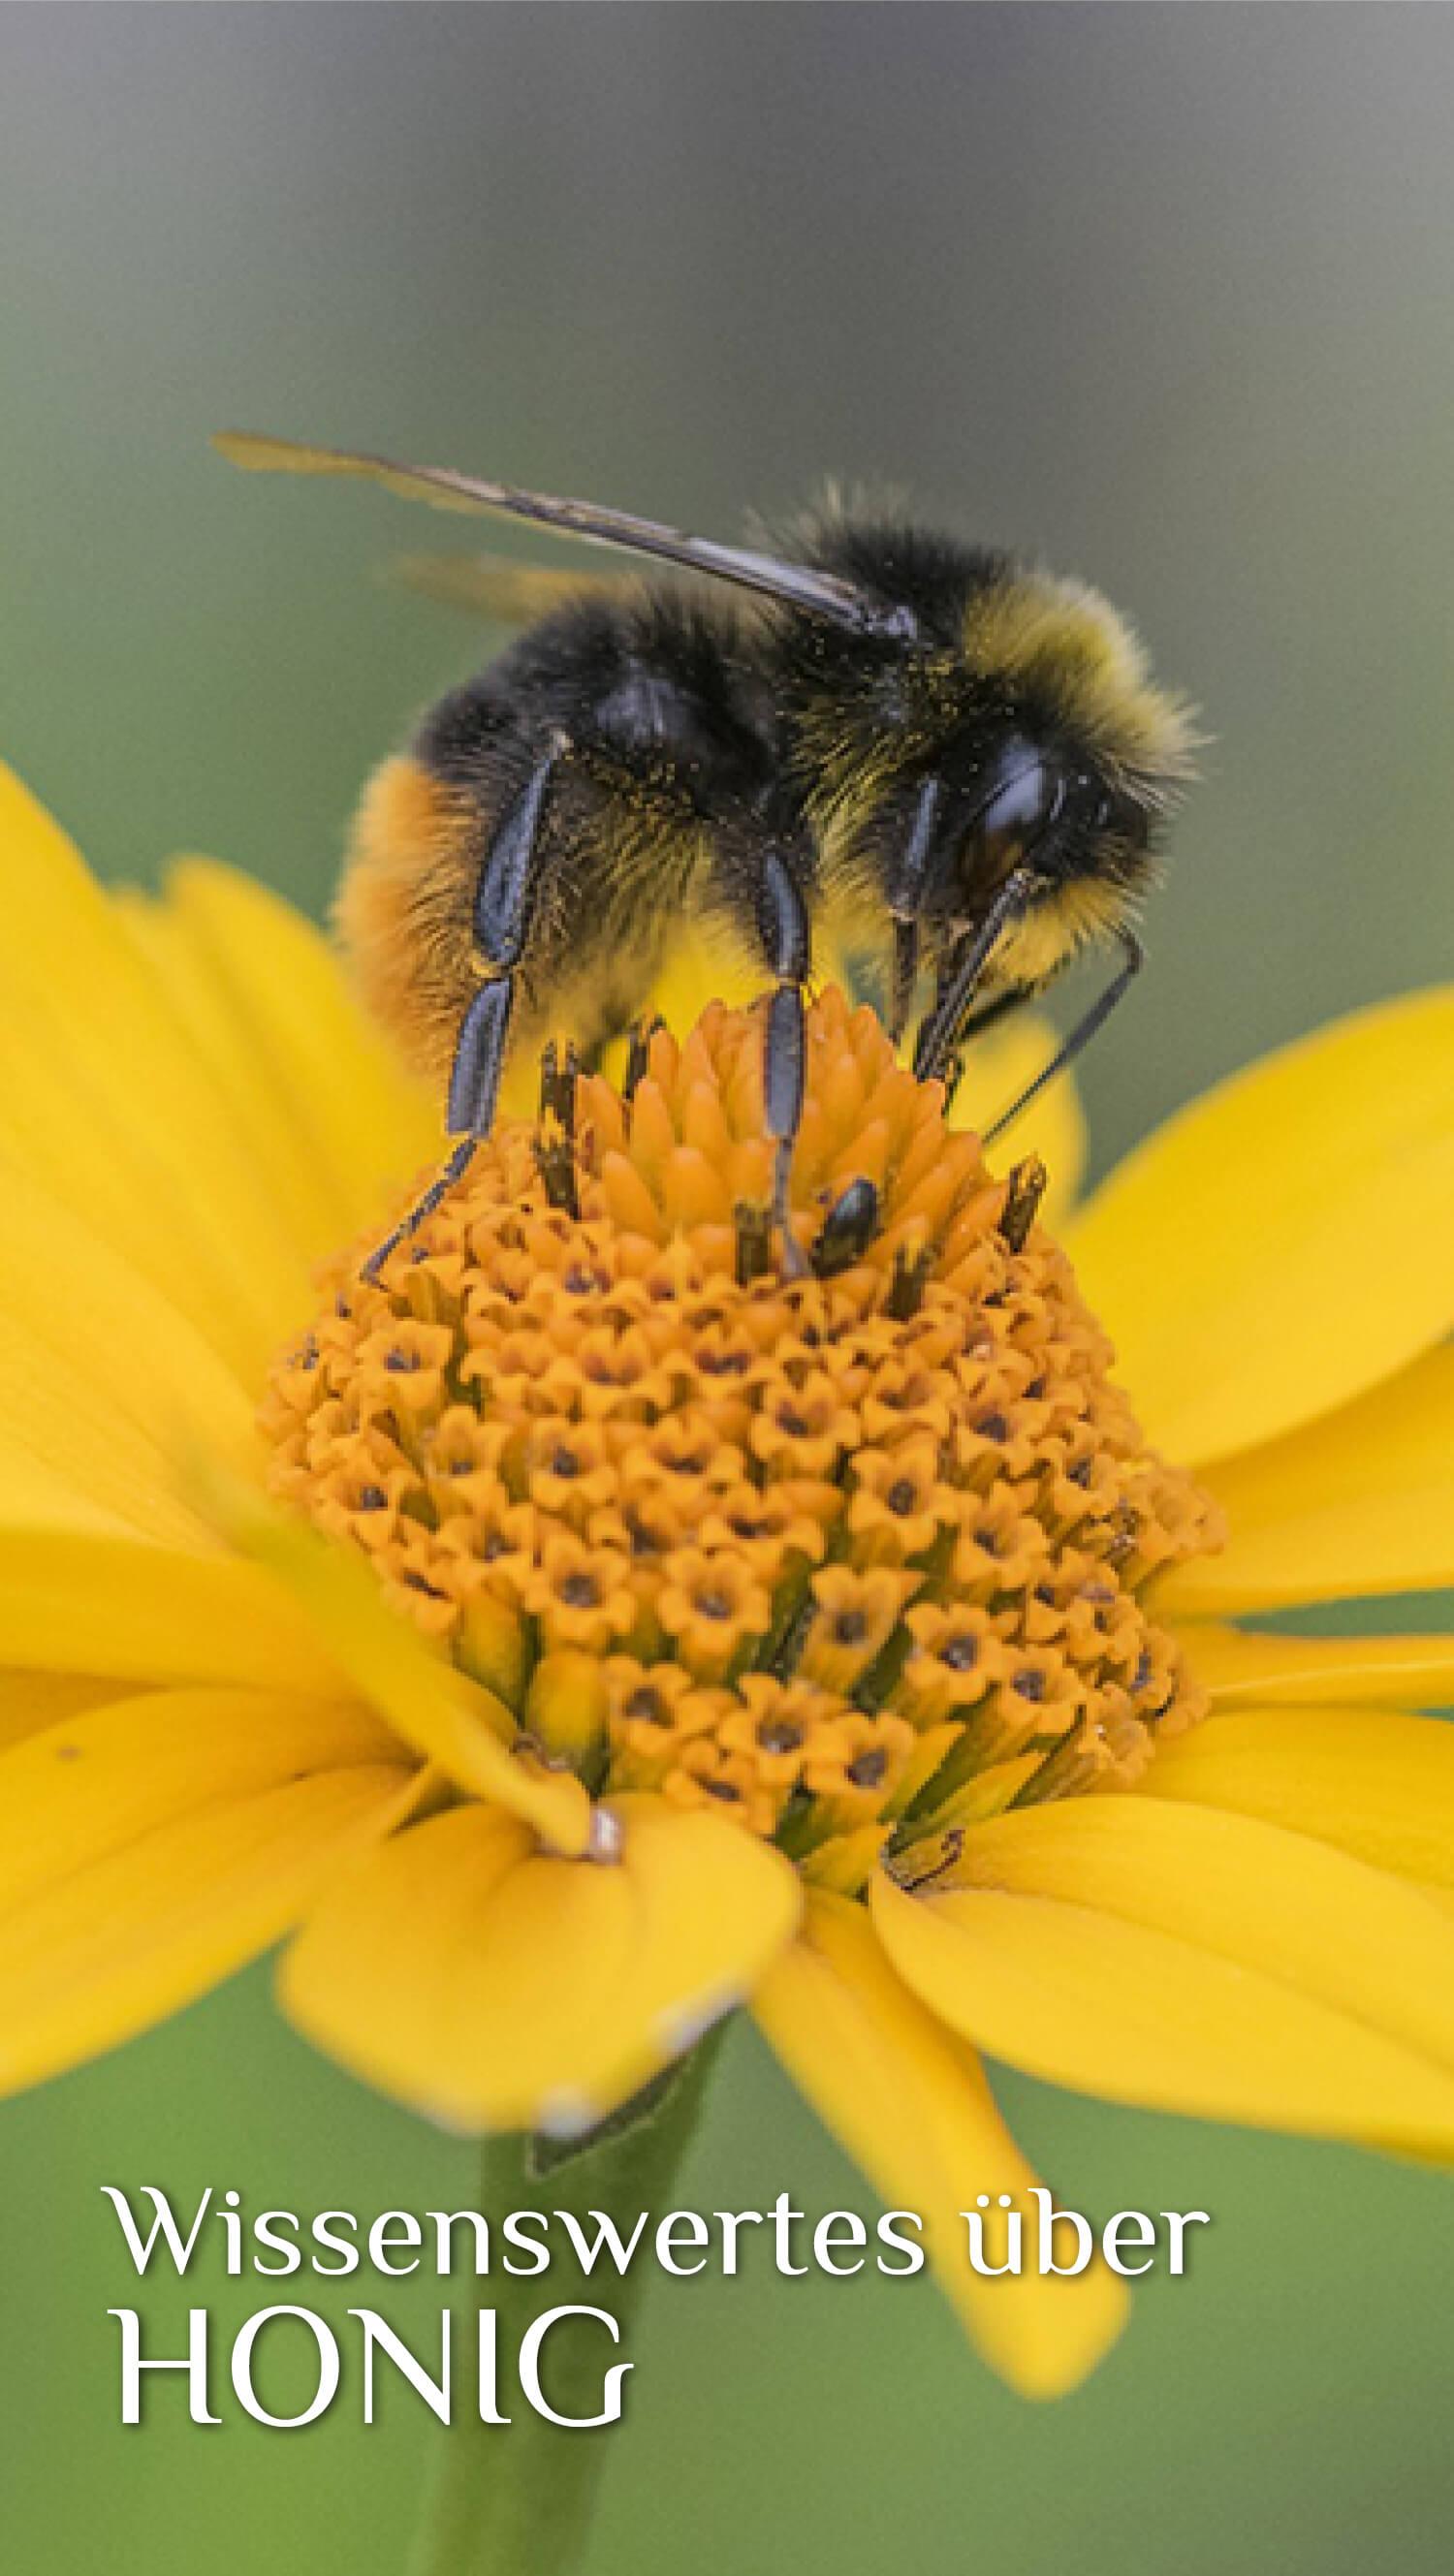 Biene sitzt auf Blume und saugt Nektar